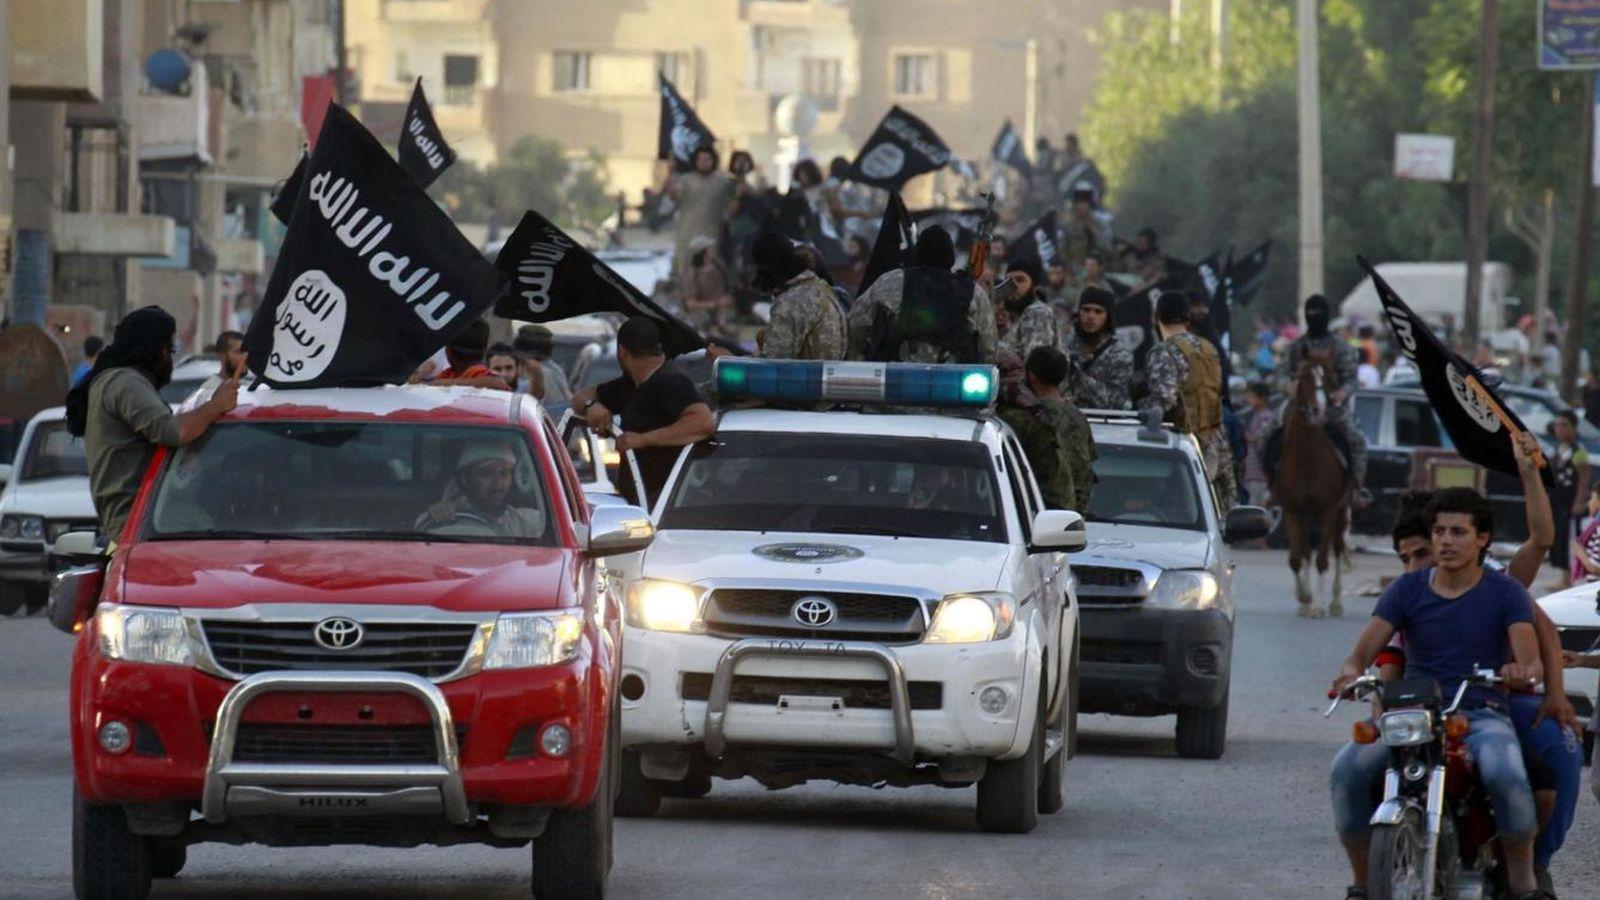 Foto: Militantes del ISIS ondean banderas del grupo durante un desfile militar en Raqqa, Siria (Reuters).